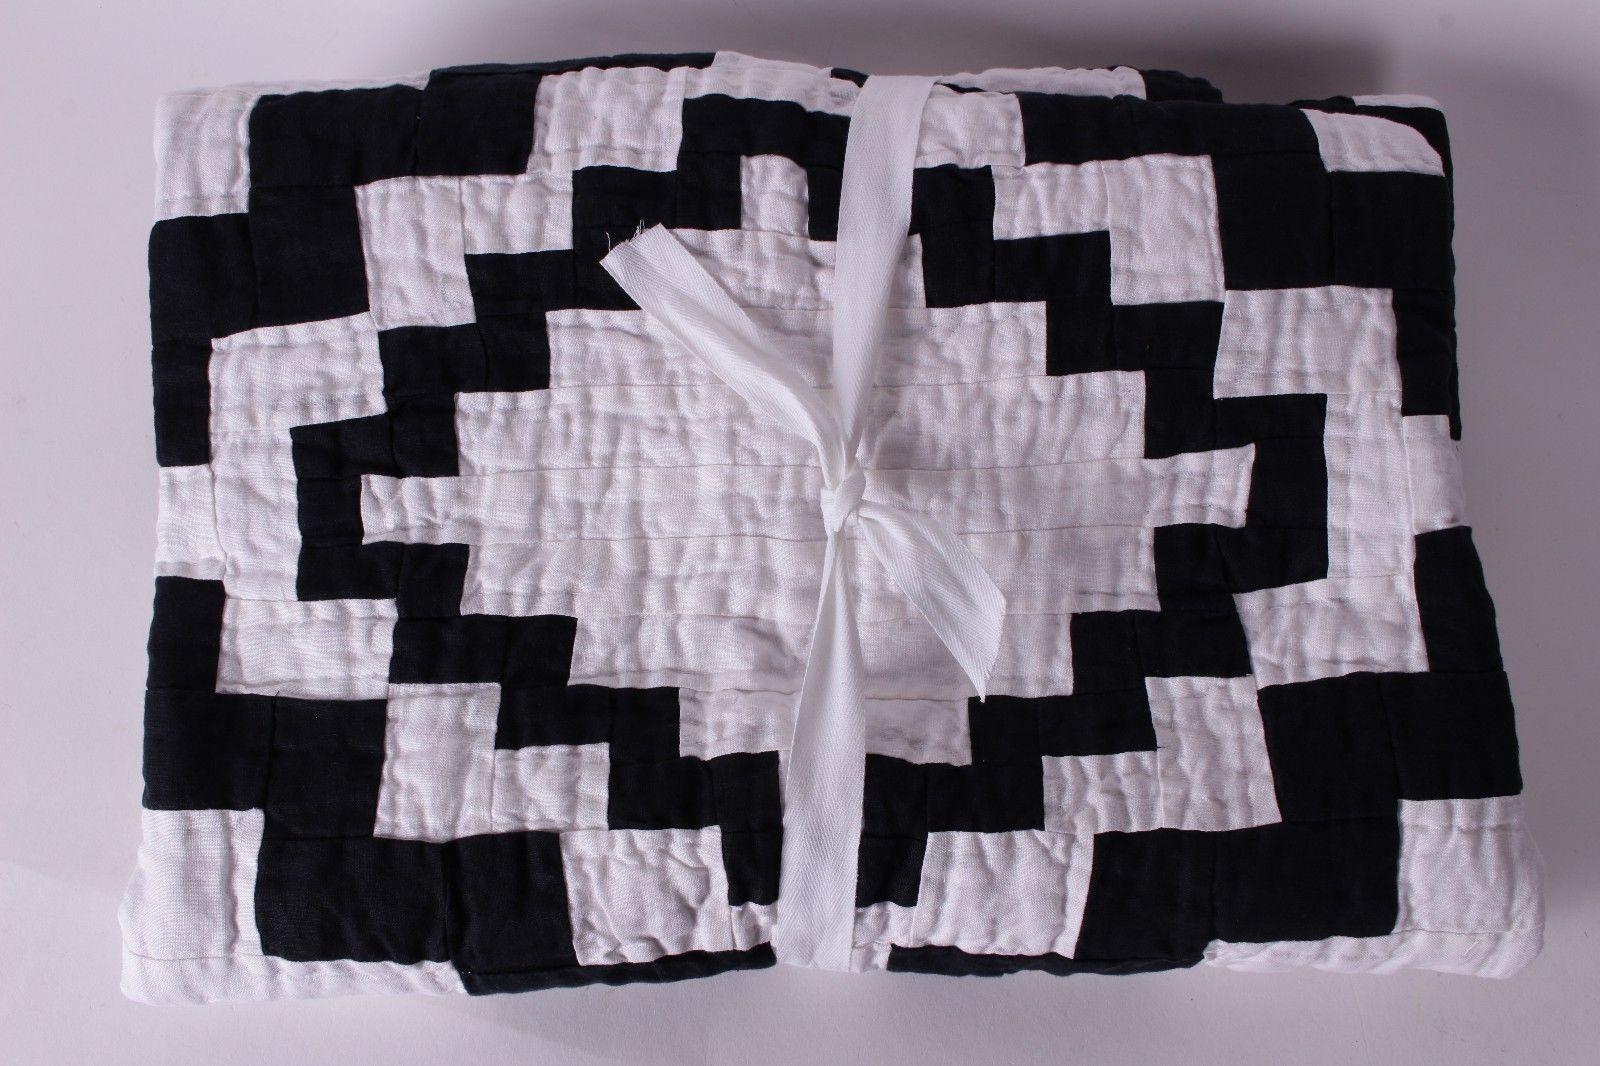 west elm cover pillowcases barn media flax quilt belgian linen platinum barns coverlet duvet shams pottery